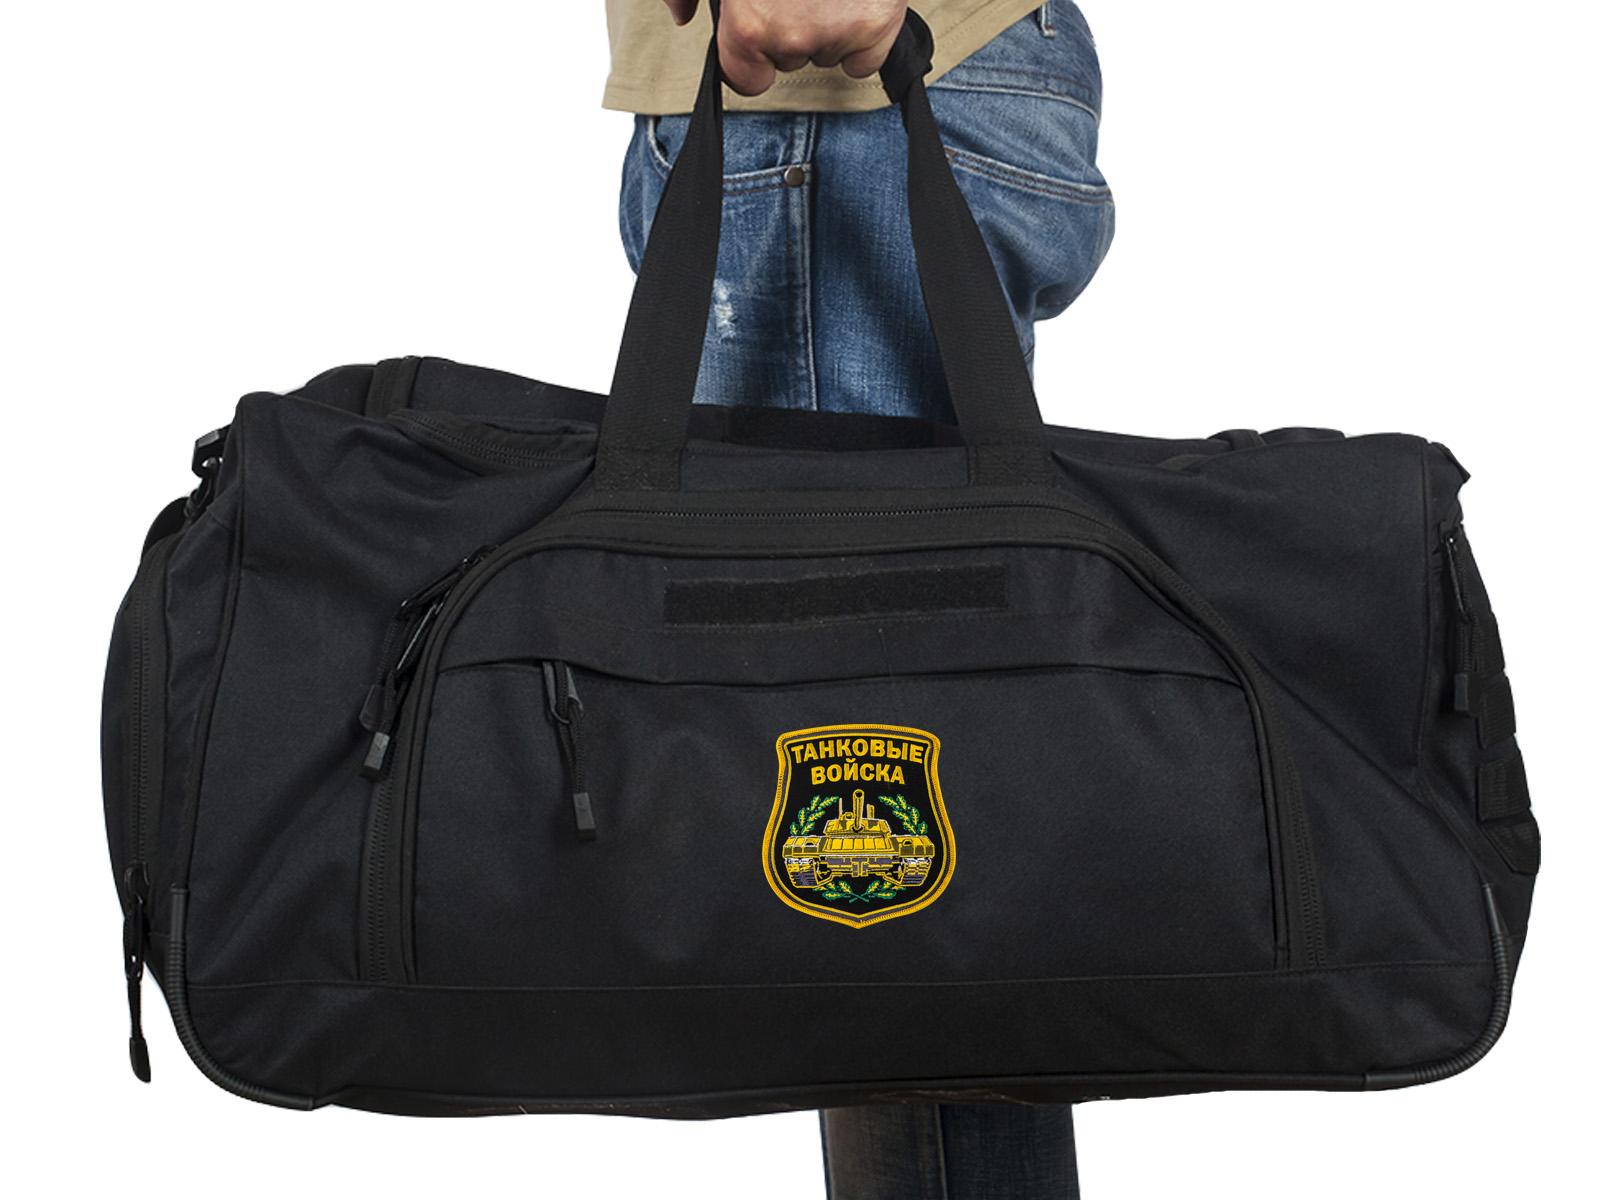 Купить военную большую сумку с нашивкой Танковые Войска 08032B Black оптом выгодно